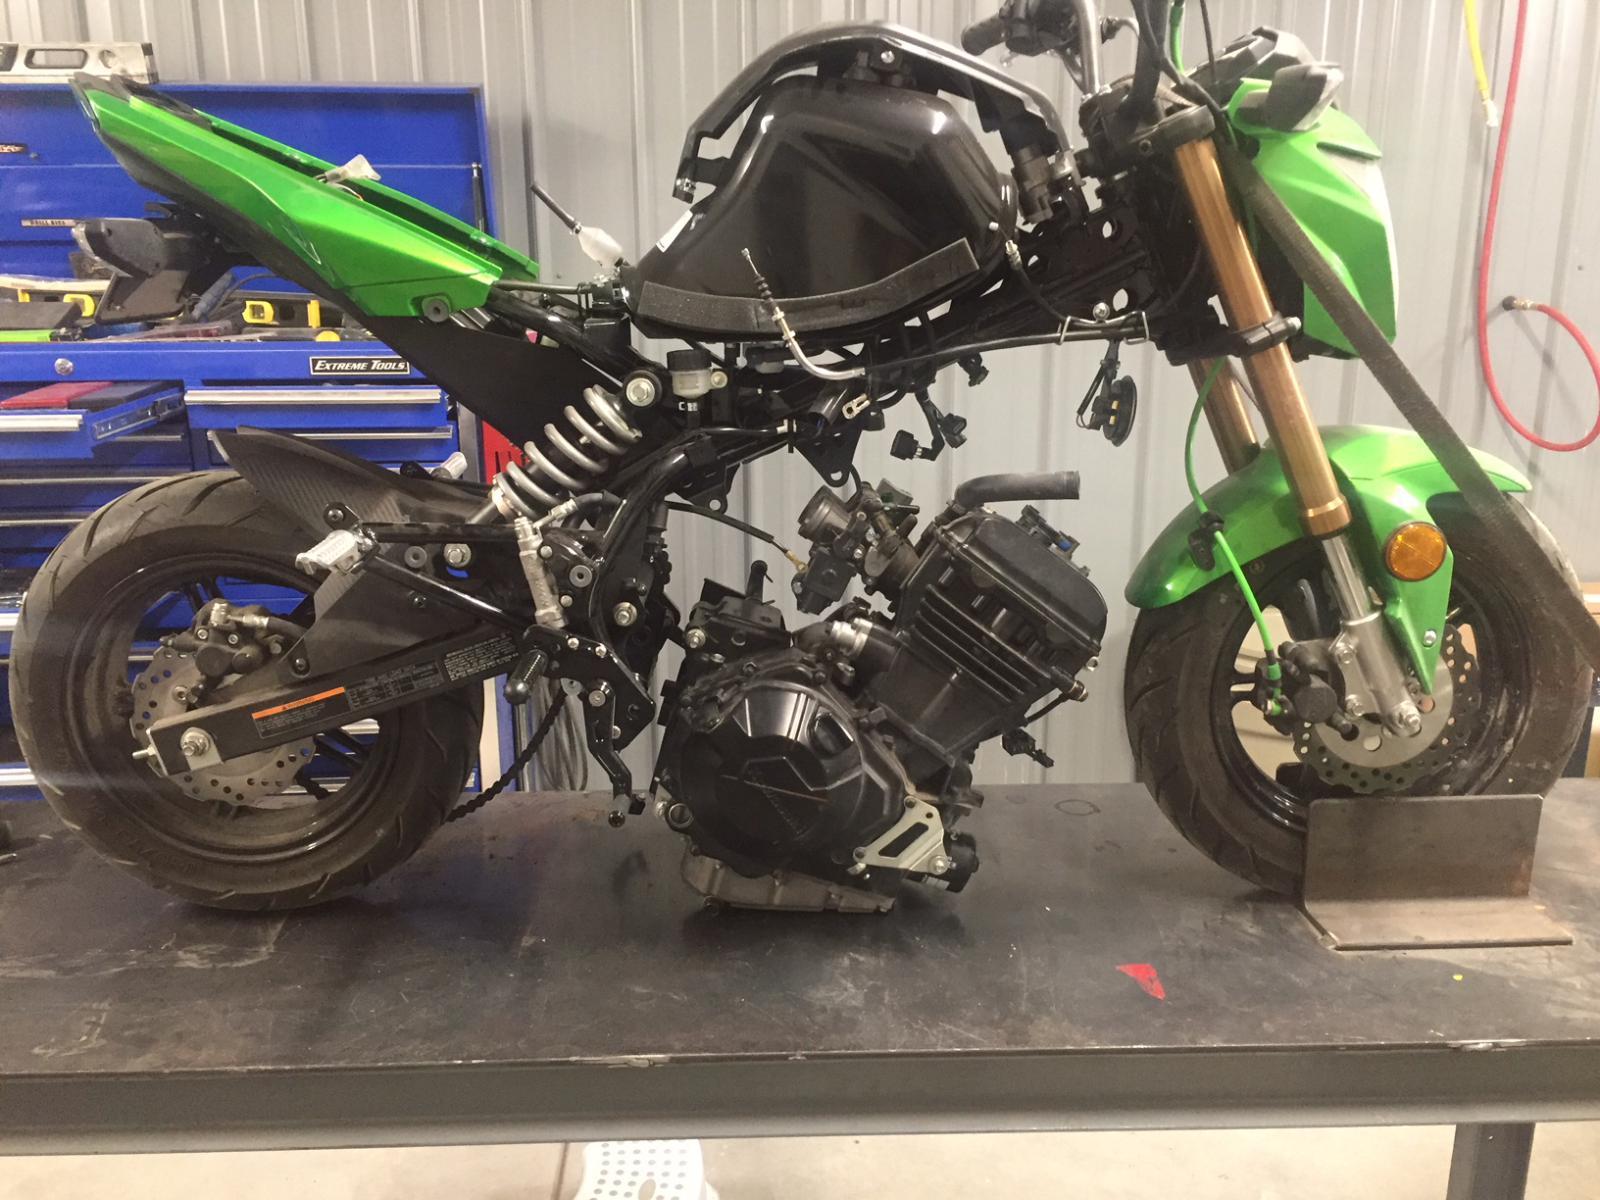 300 engine swap project!!! - Page 3 - Kawasaki Z125 Forum